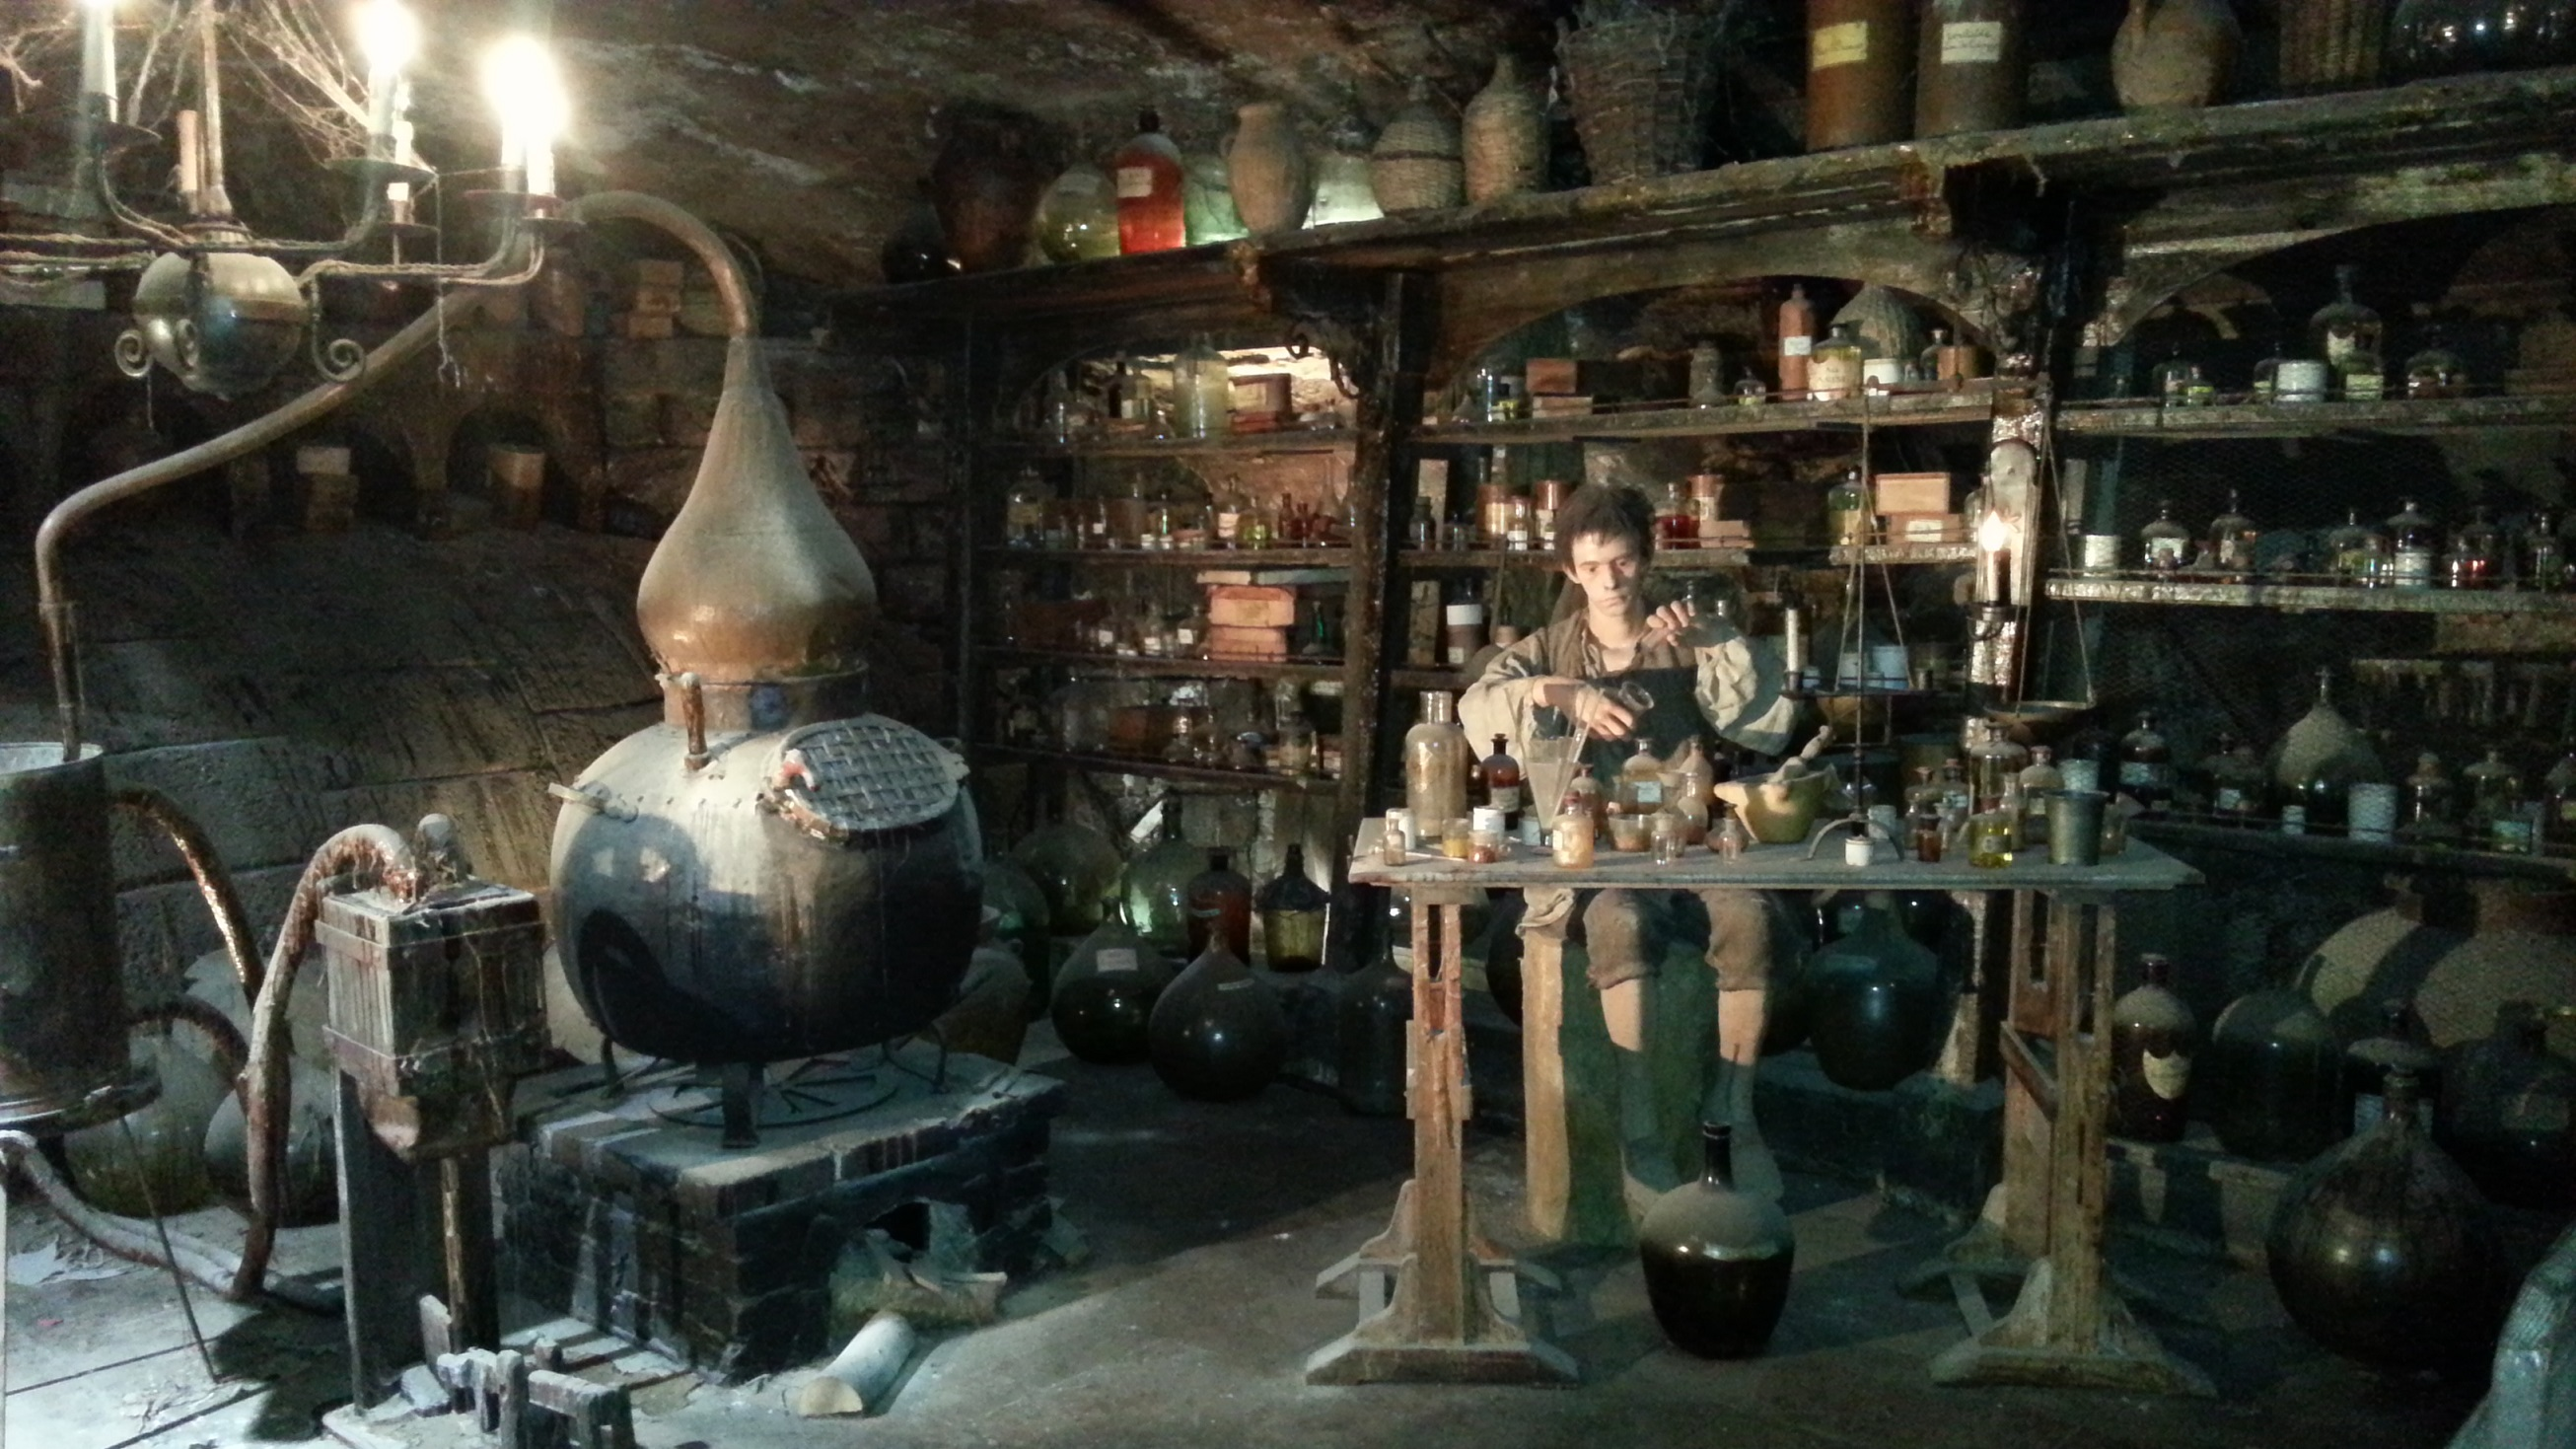 Musée Miniature et Cinéma le Parfum